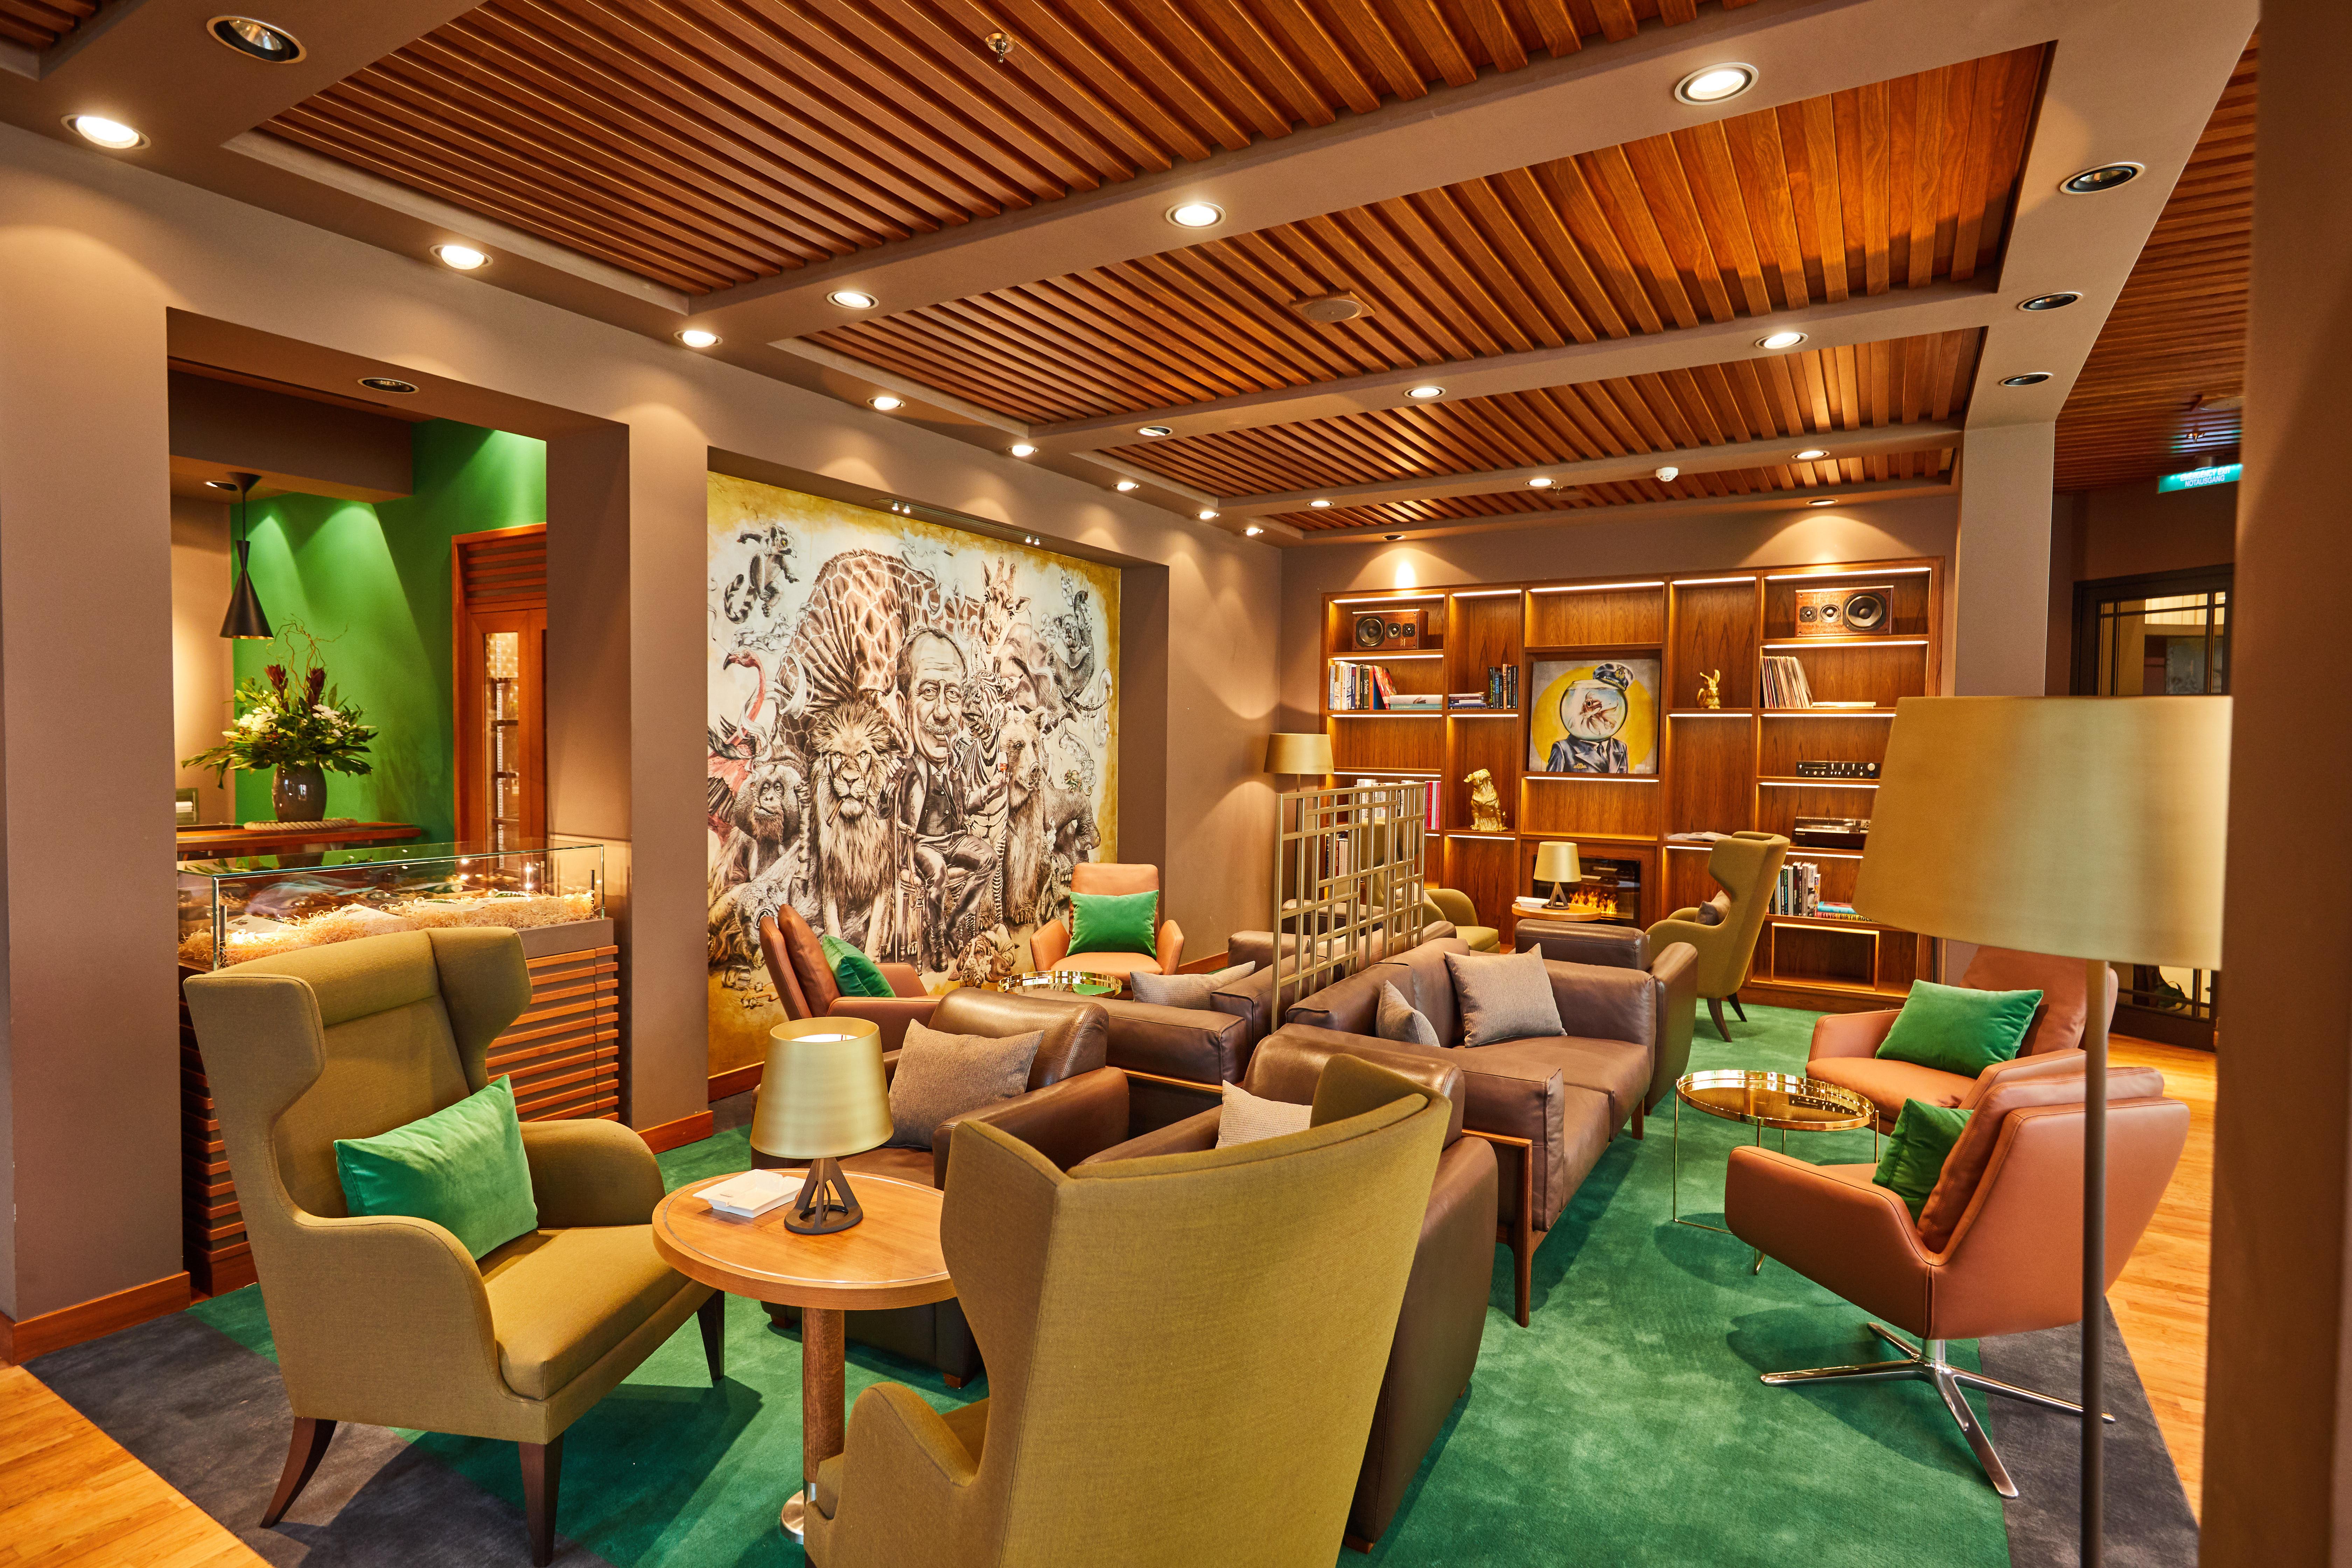 ms europa 2 style up bei werftaufenthalt in hamburg erfolgreich beendet presseportal. Black Bedroom Furniture Sets. Home Design Ideas